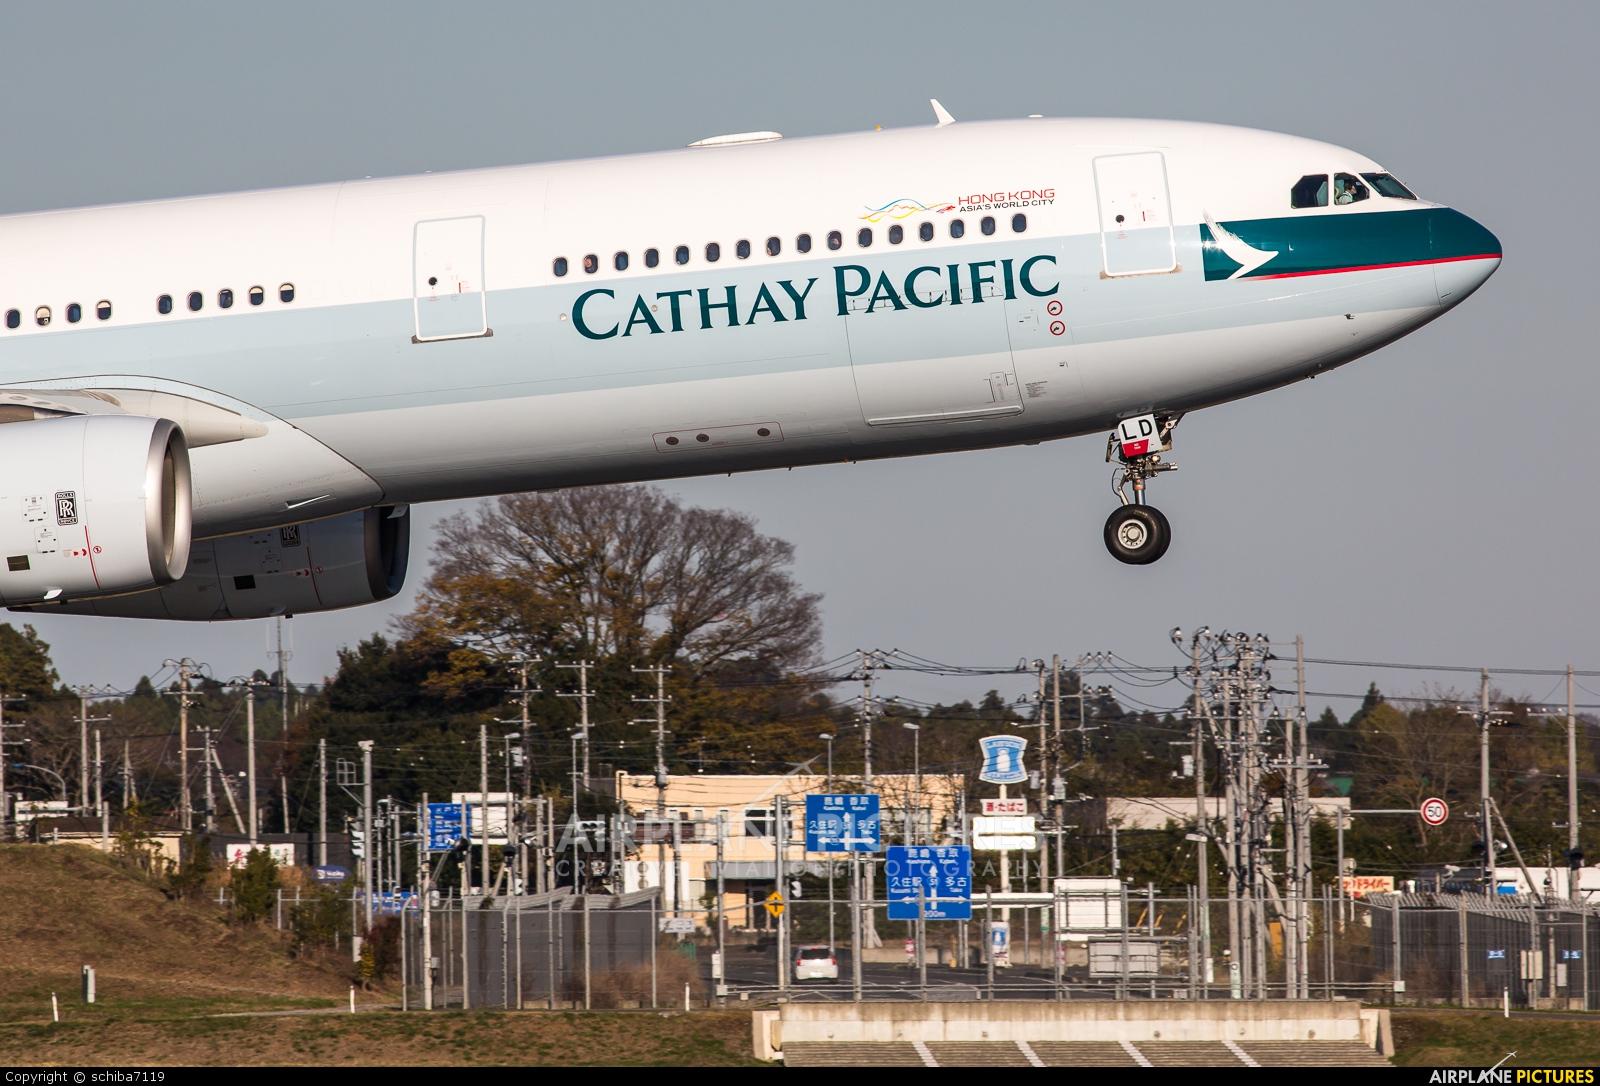 Cathay Pacific B-HLD aircraft at Tokyo - Narita Intl